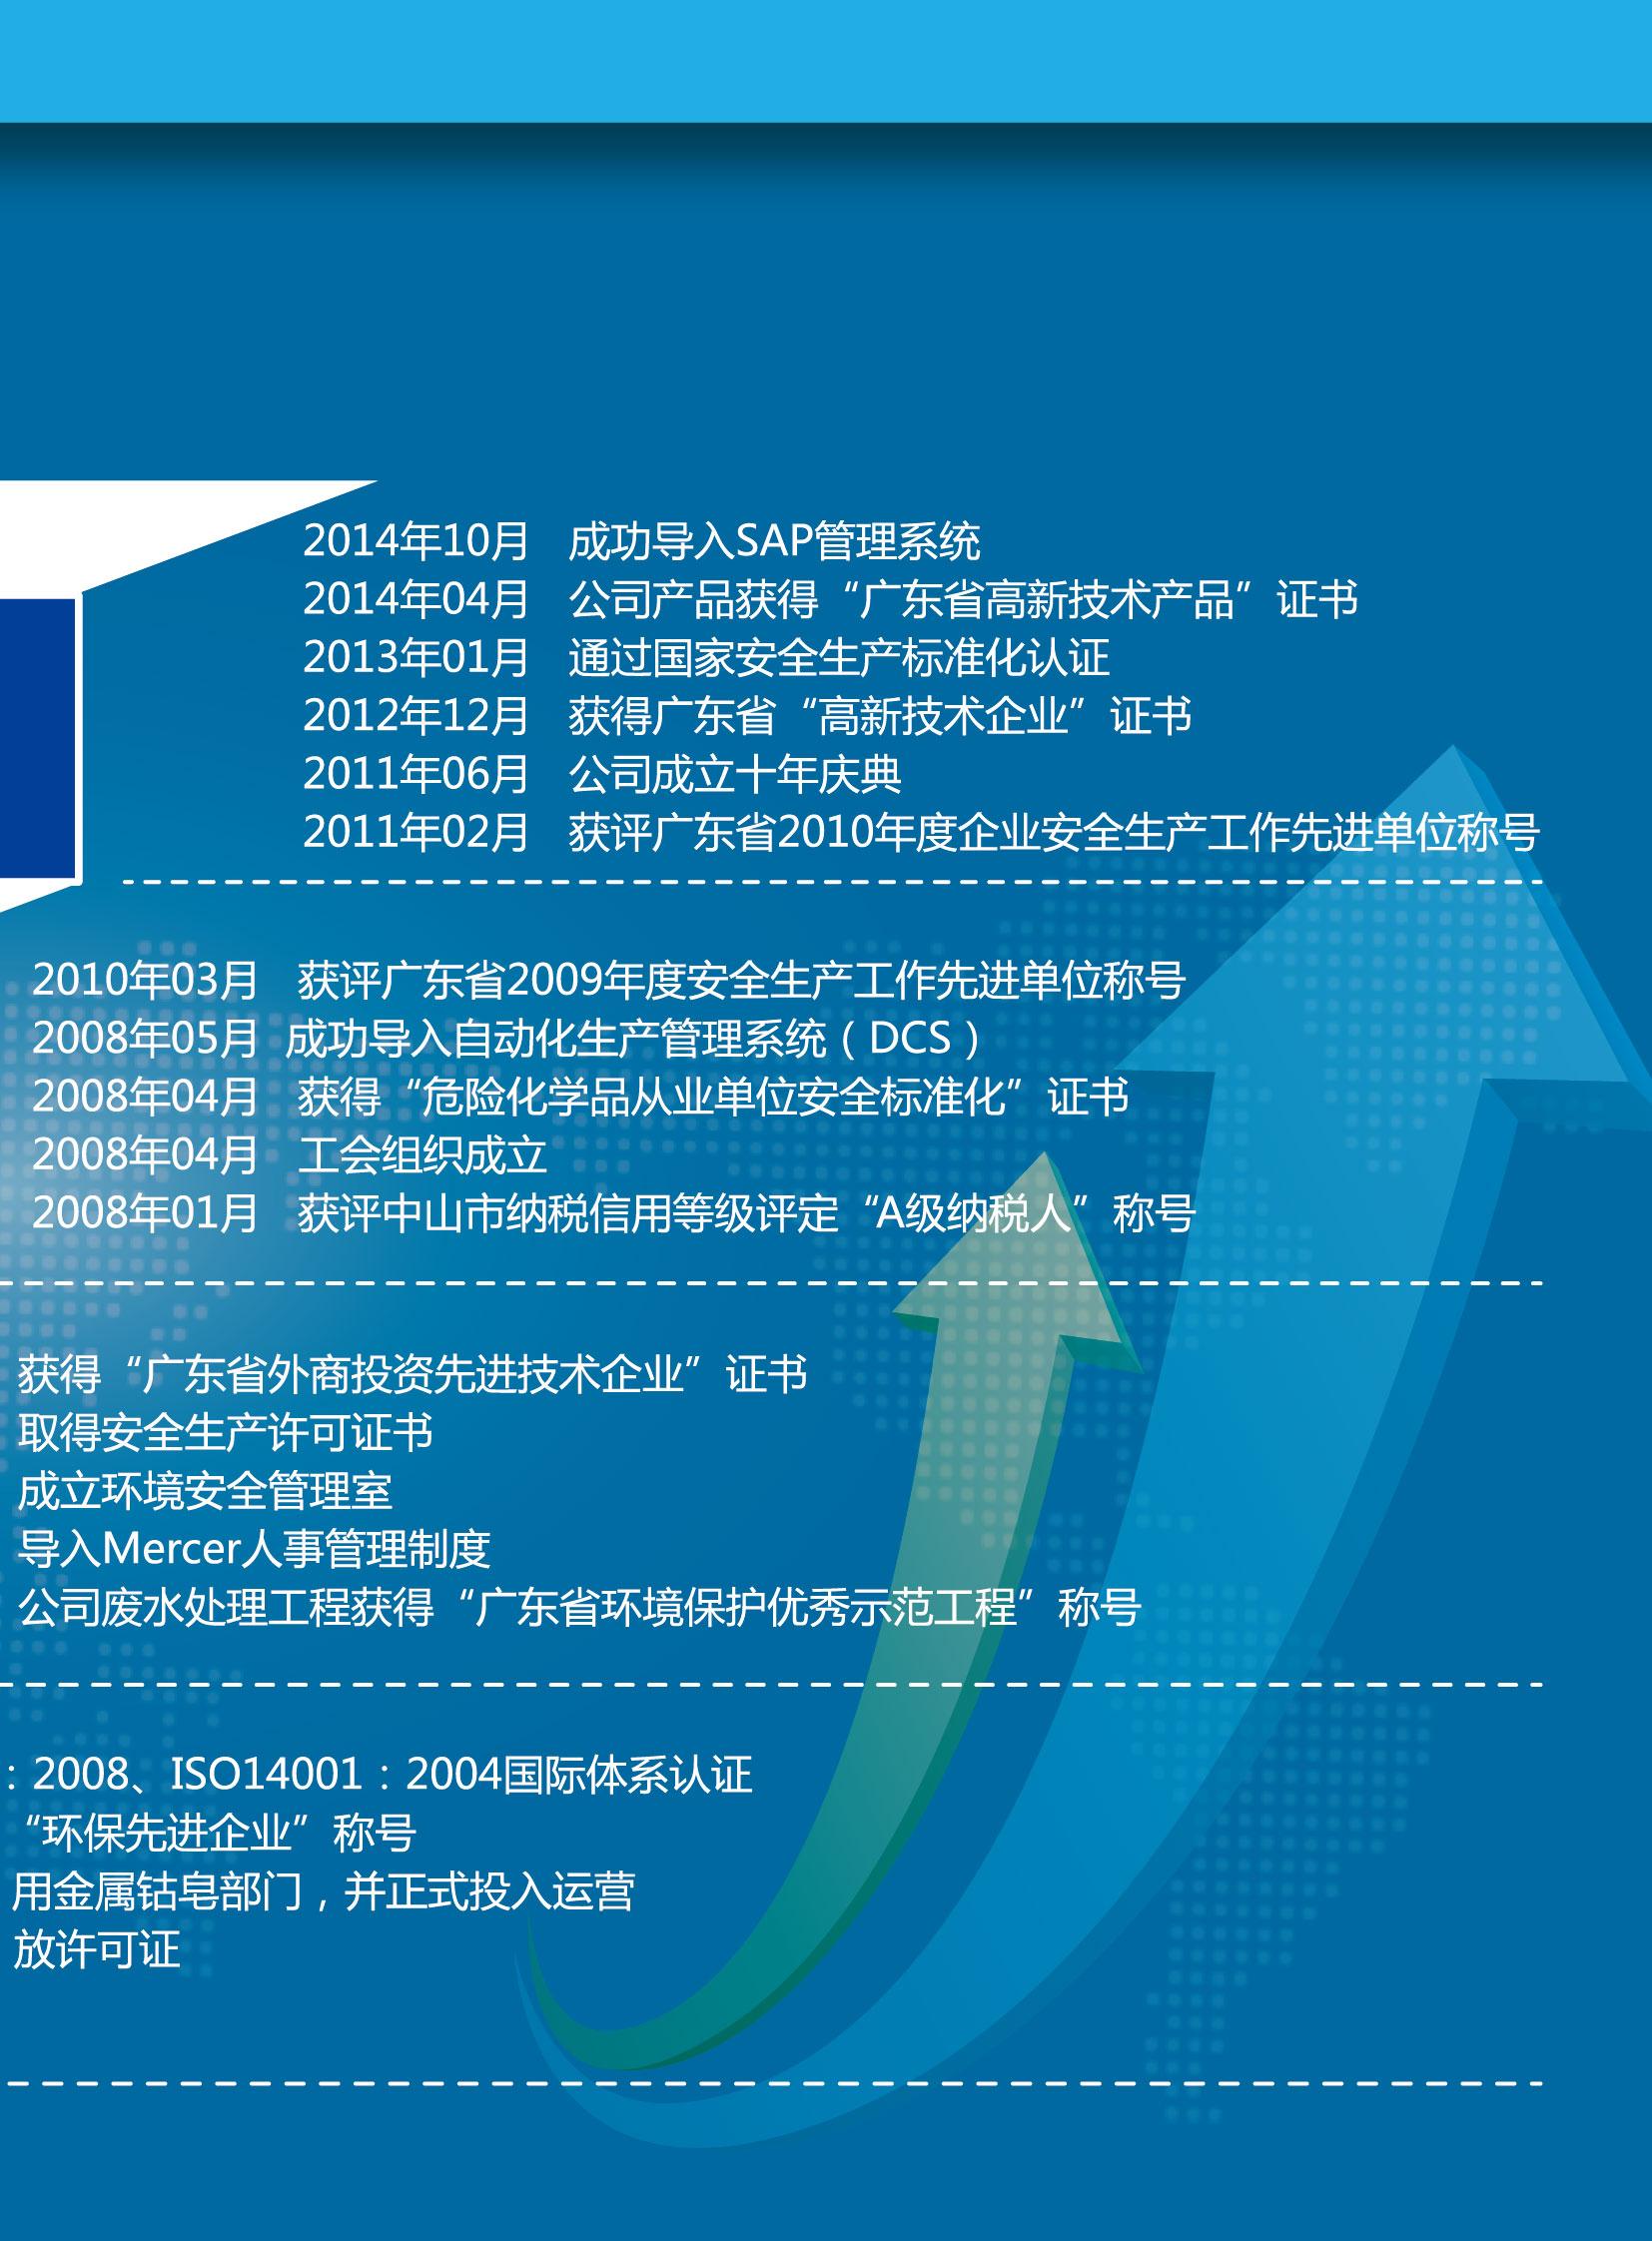 迪爱生合成树脂(中山)有限公司_才通国际人才网_job001.cn